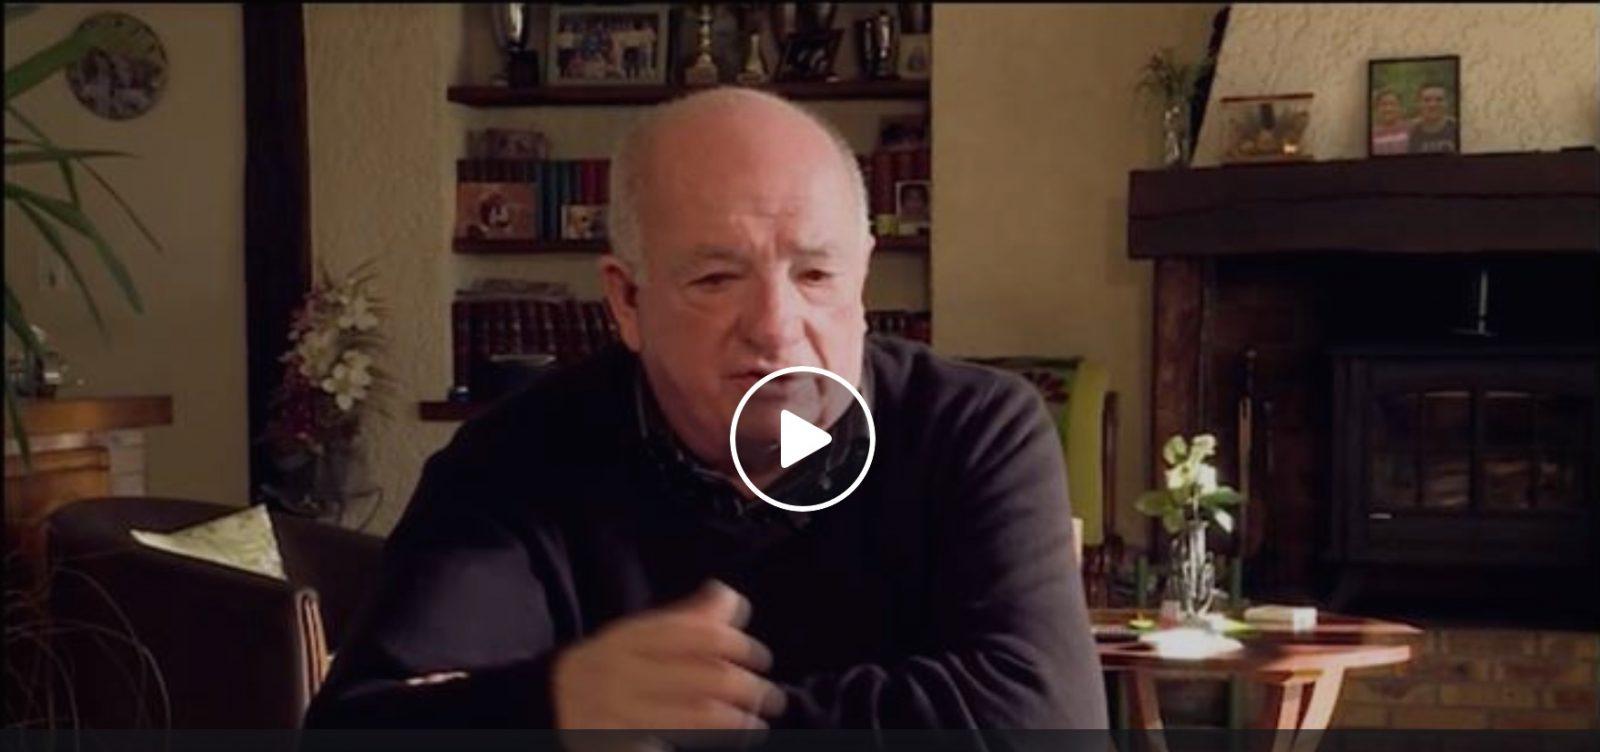 VIDEO // Hommage à Christian Darracq – Parcours d'acteurs